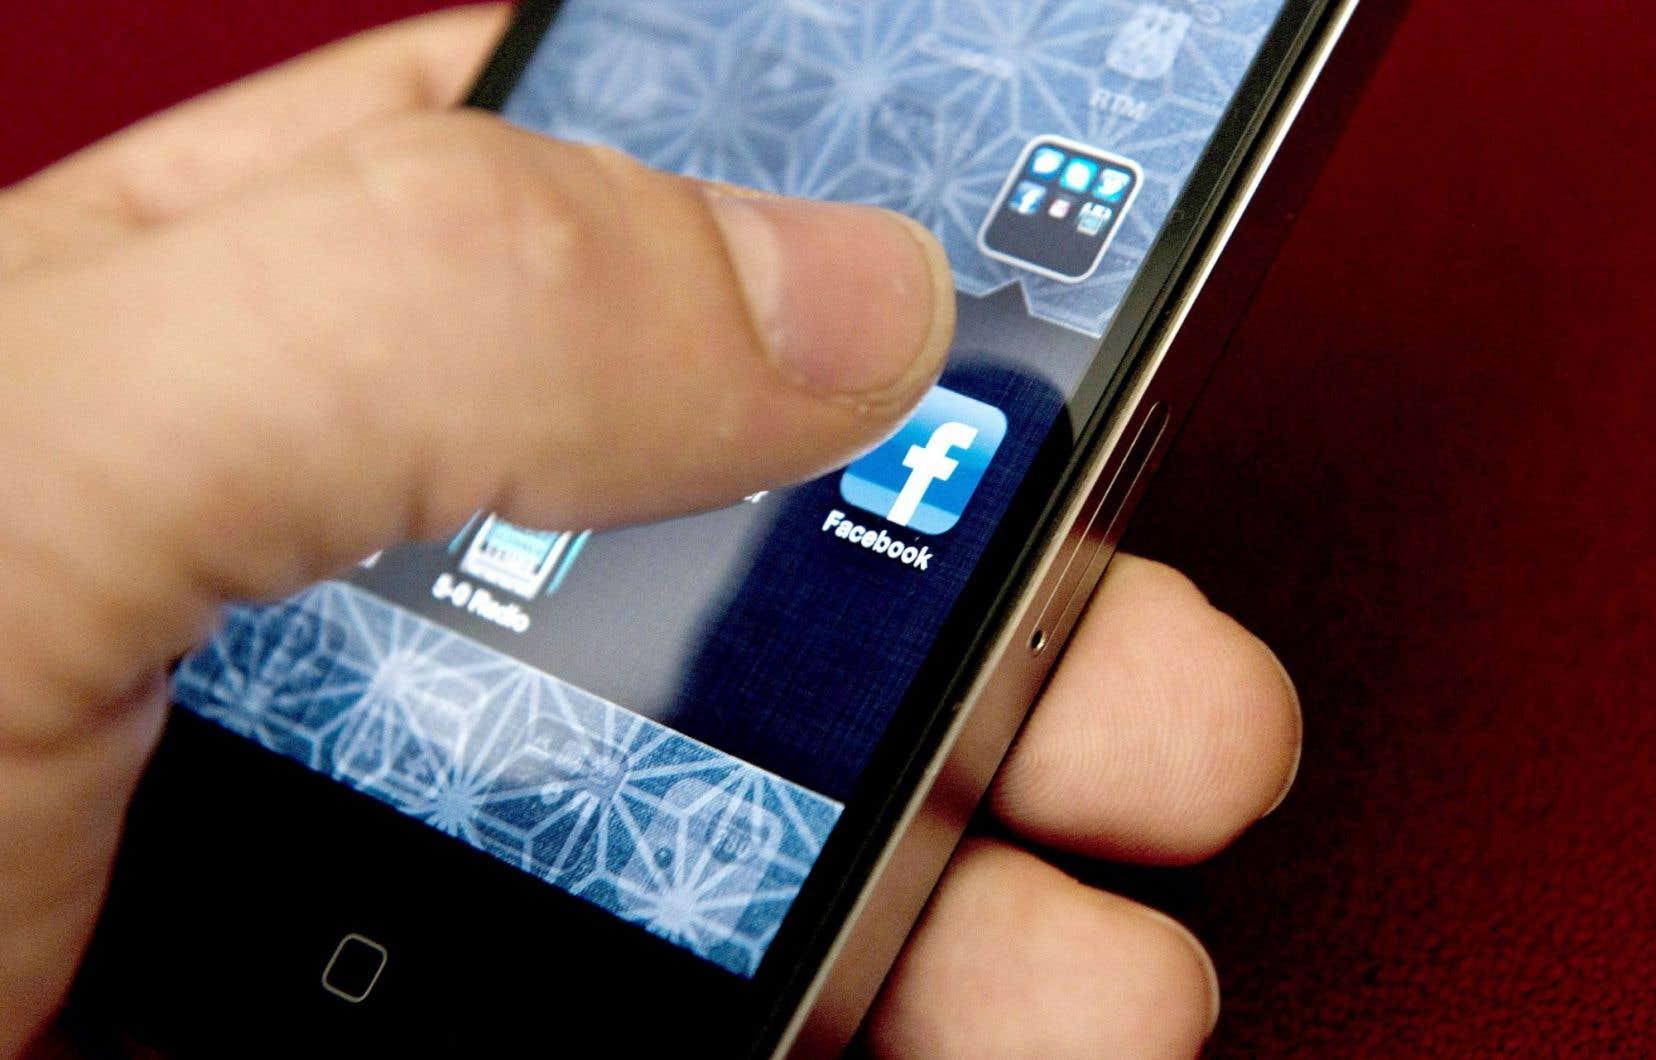 Les connexions mobiles génèrent environ 40% du trafic en ligne, mais moins de 2% des blocages de publicités.